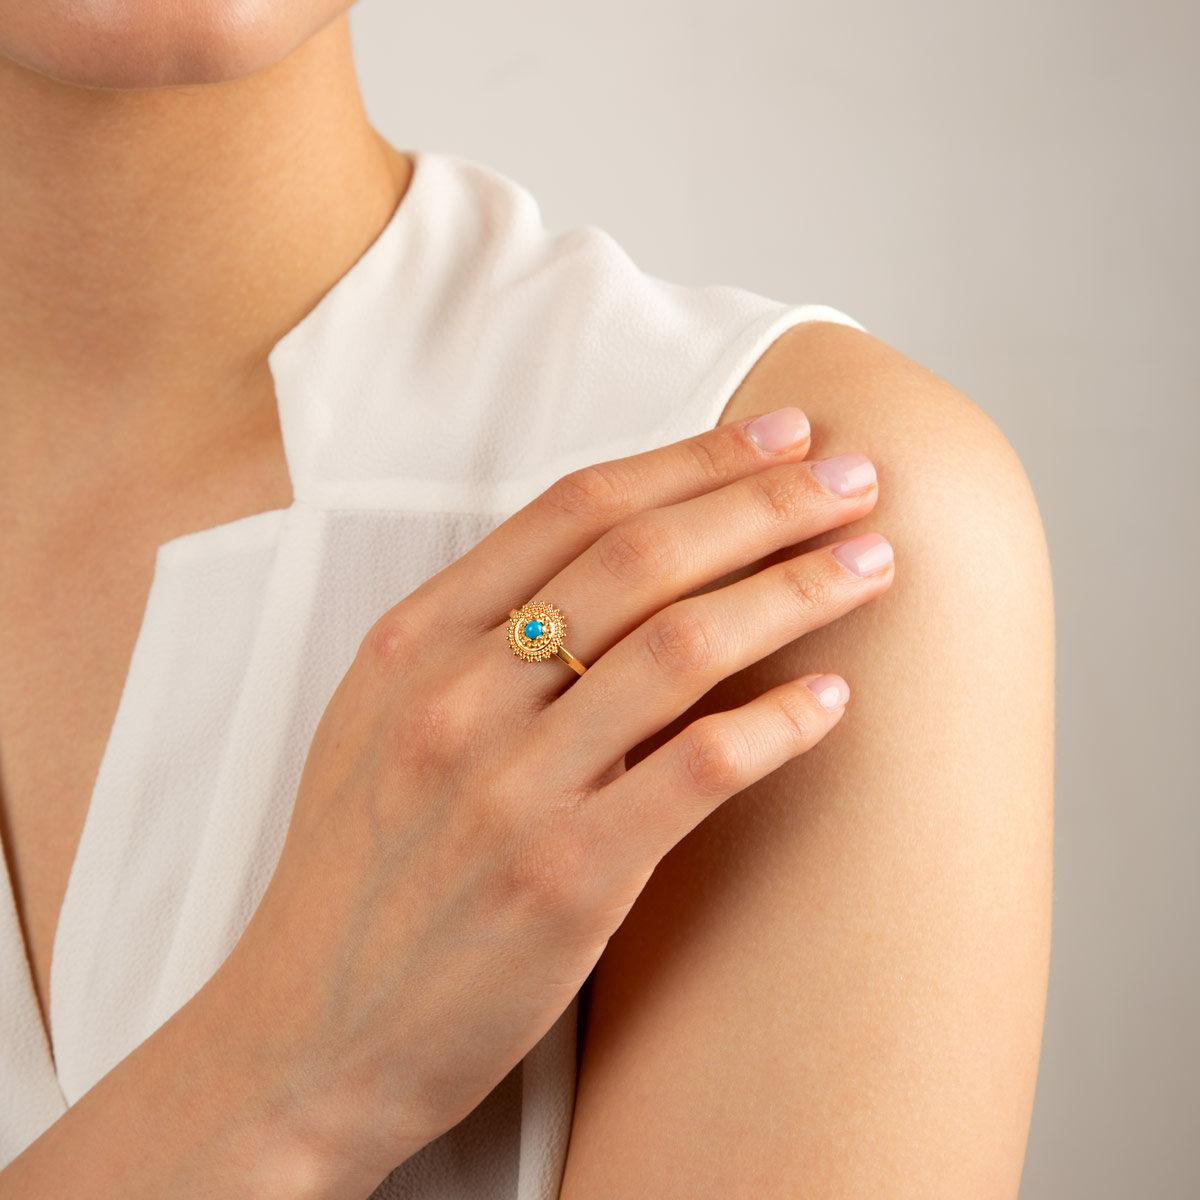 انگشتر طلا دایره طرحدار و فیروزه